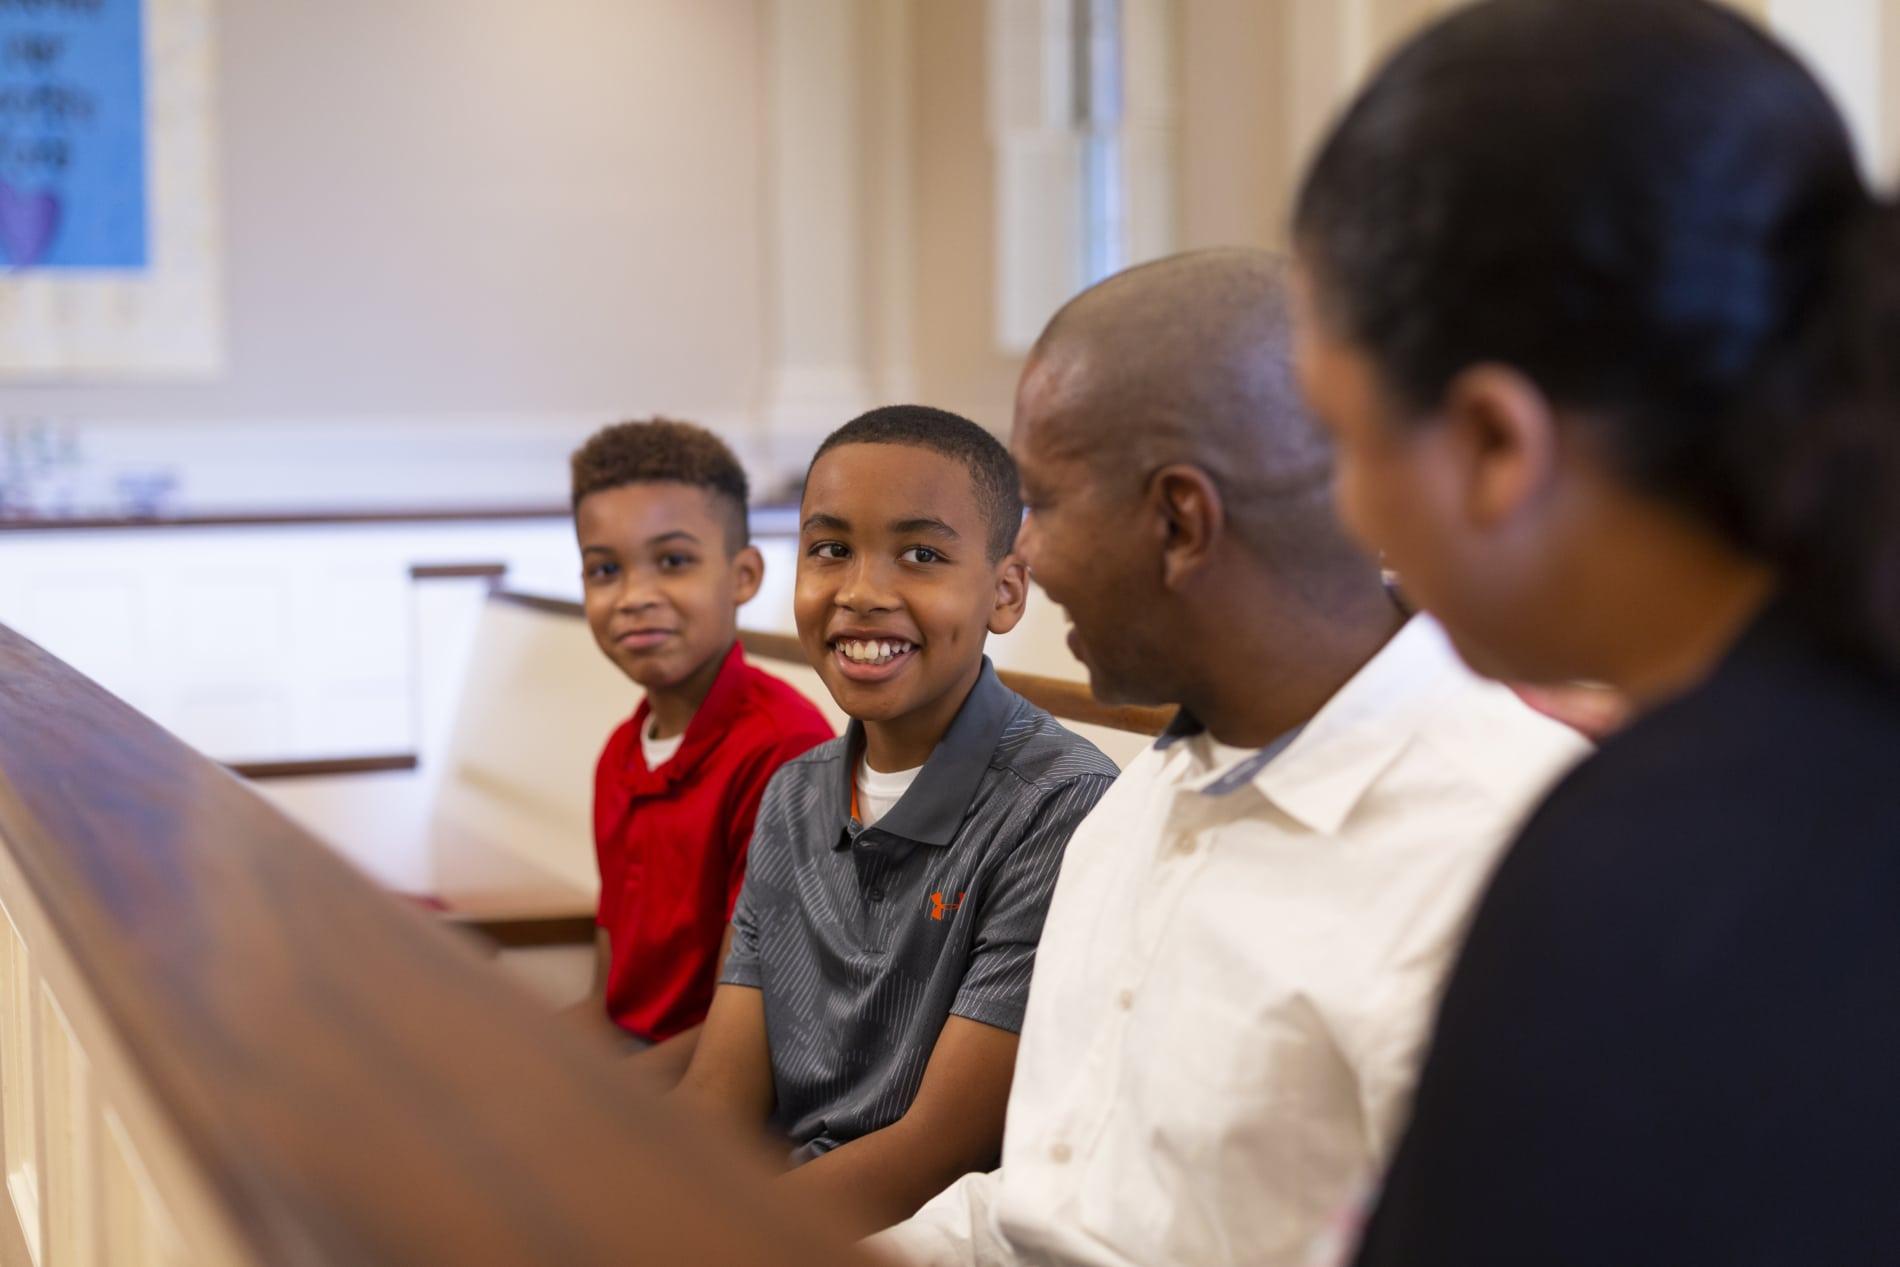 Family in pew in church